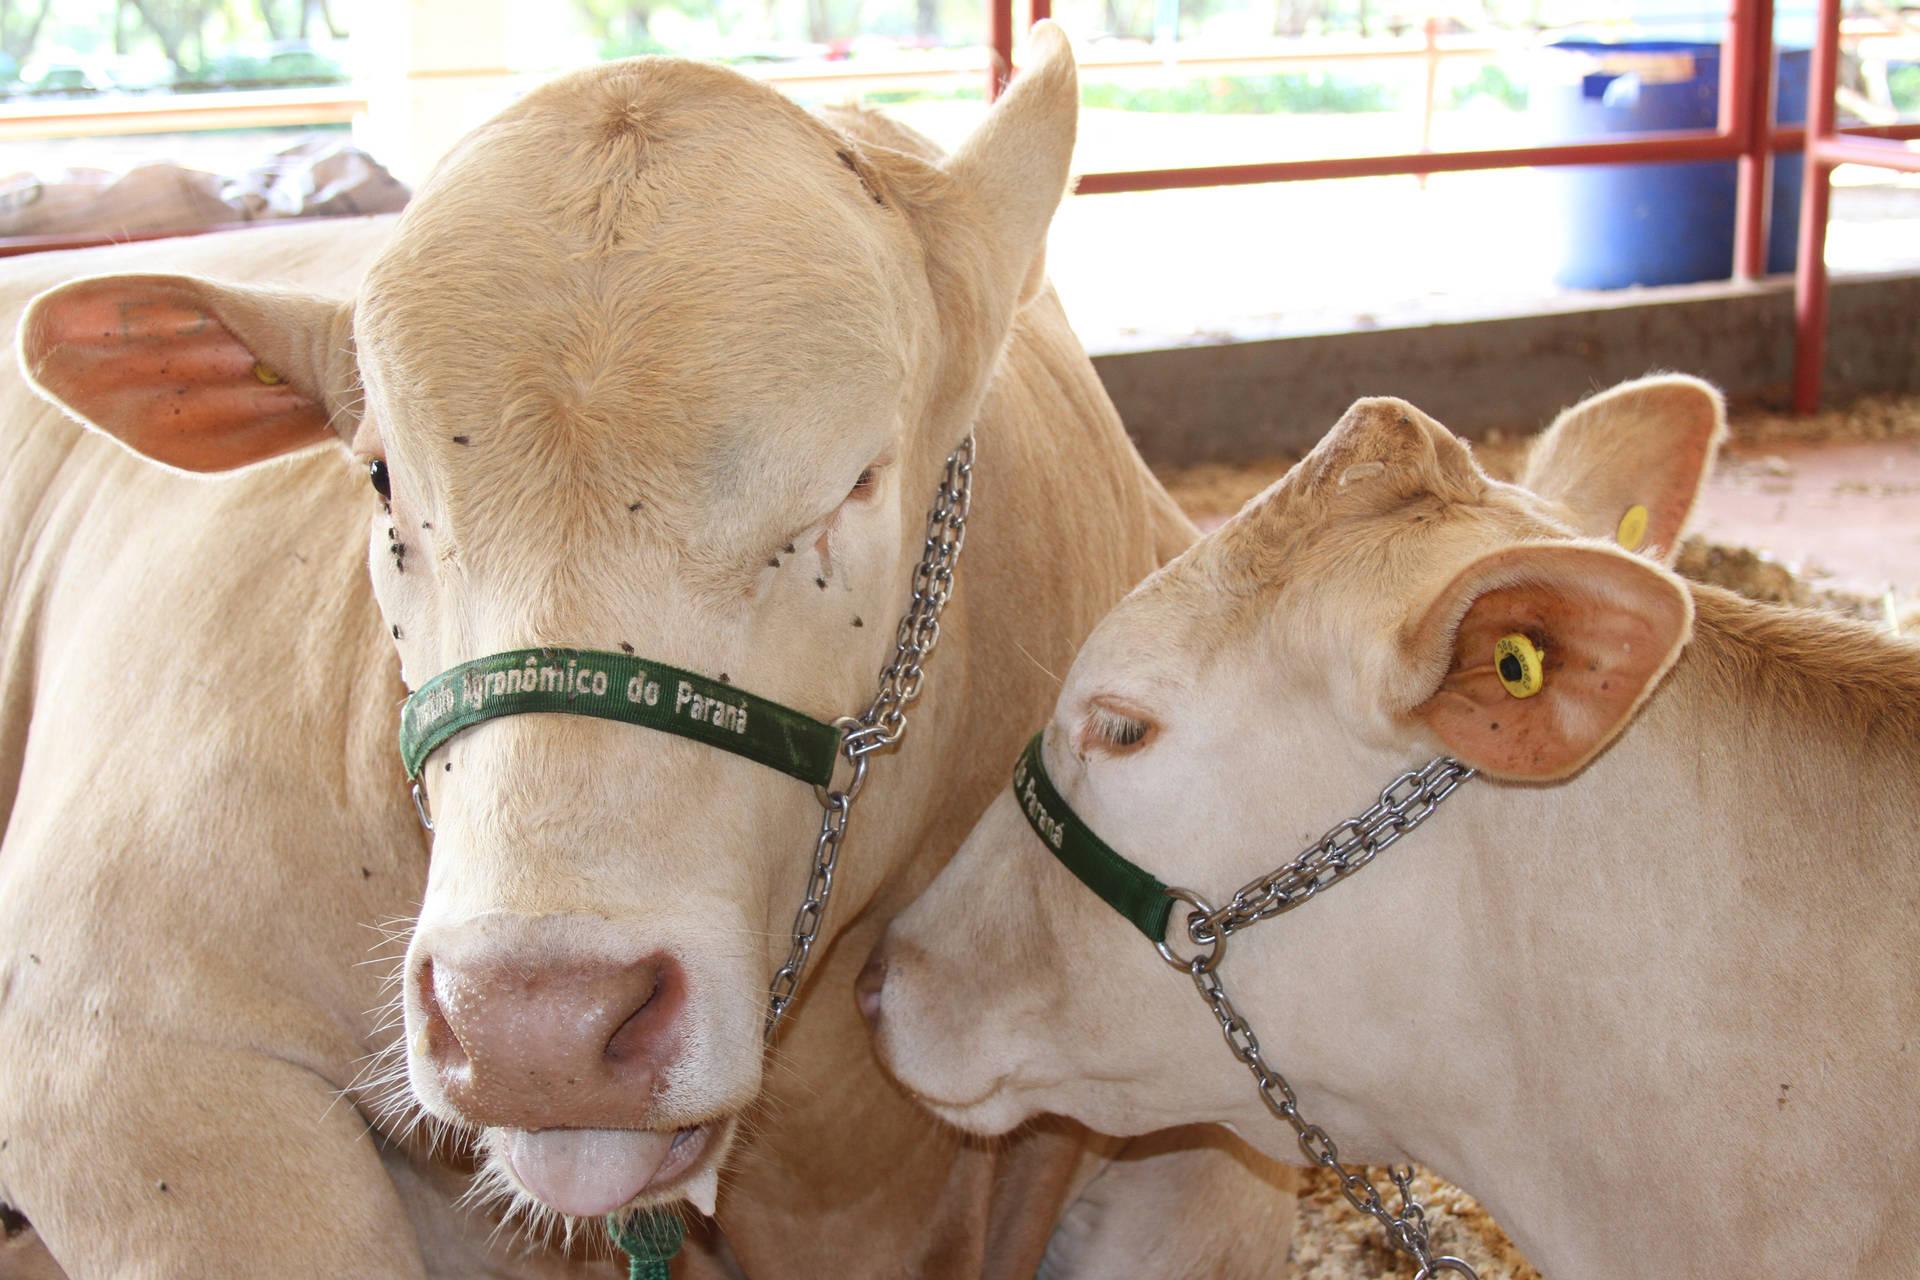 Em 2020, o visitante do Show Rural confere nove opções, dos grupos comerciais carioca, preto e branco, e ainda poderá conhecer 40 animais Purunã para exposição e comercialização